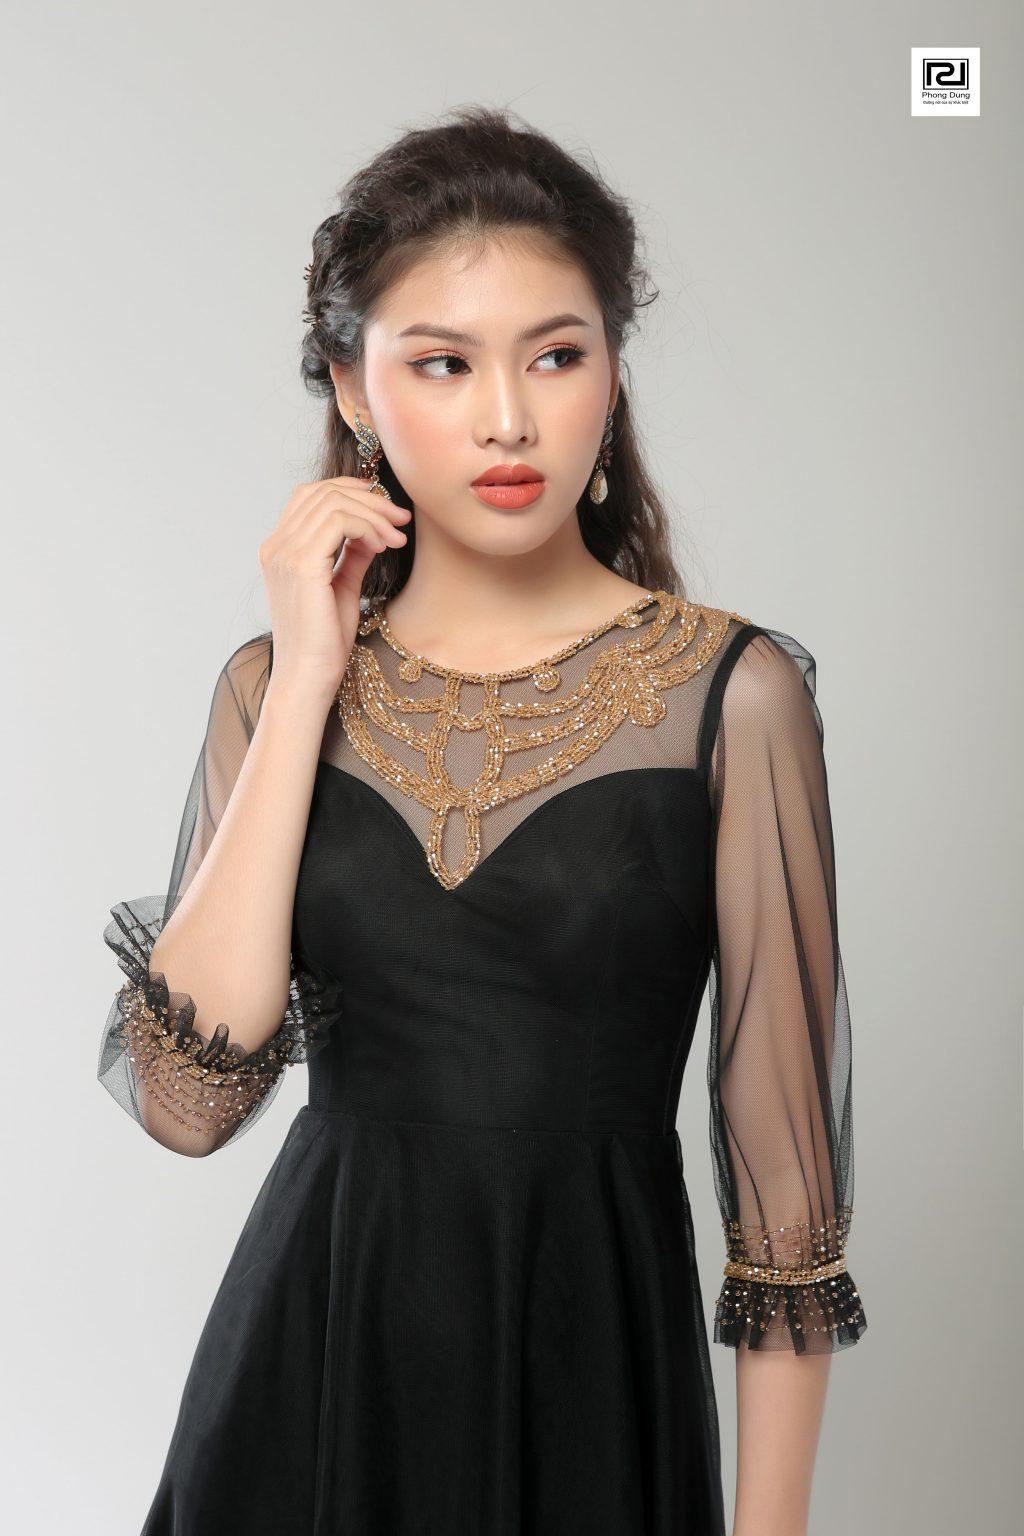 Người mẫu mặc váy đen hoạ tiết ren màu vàng